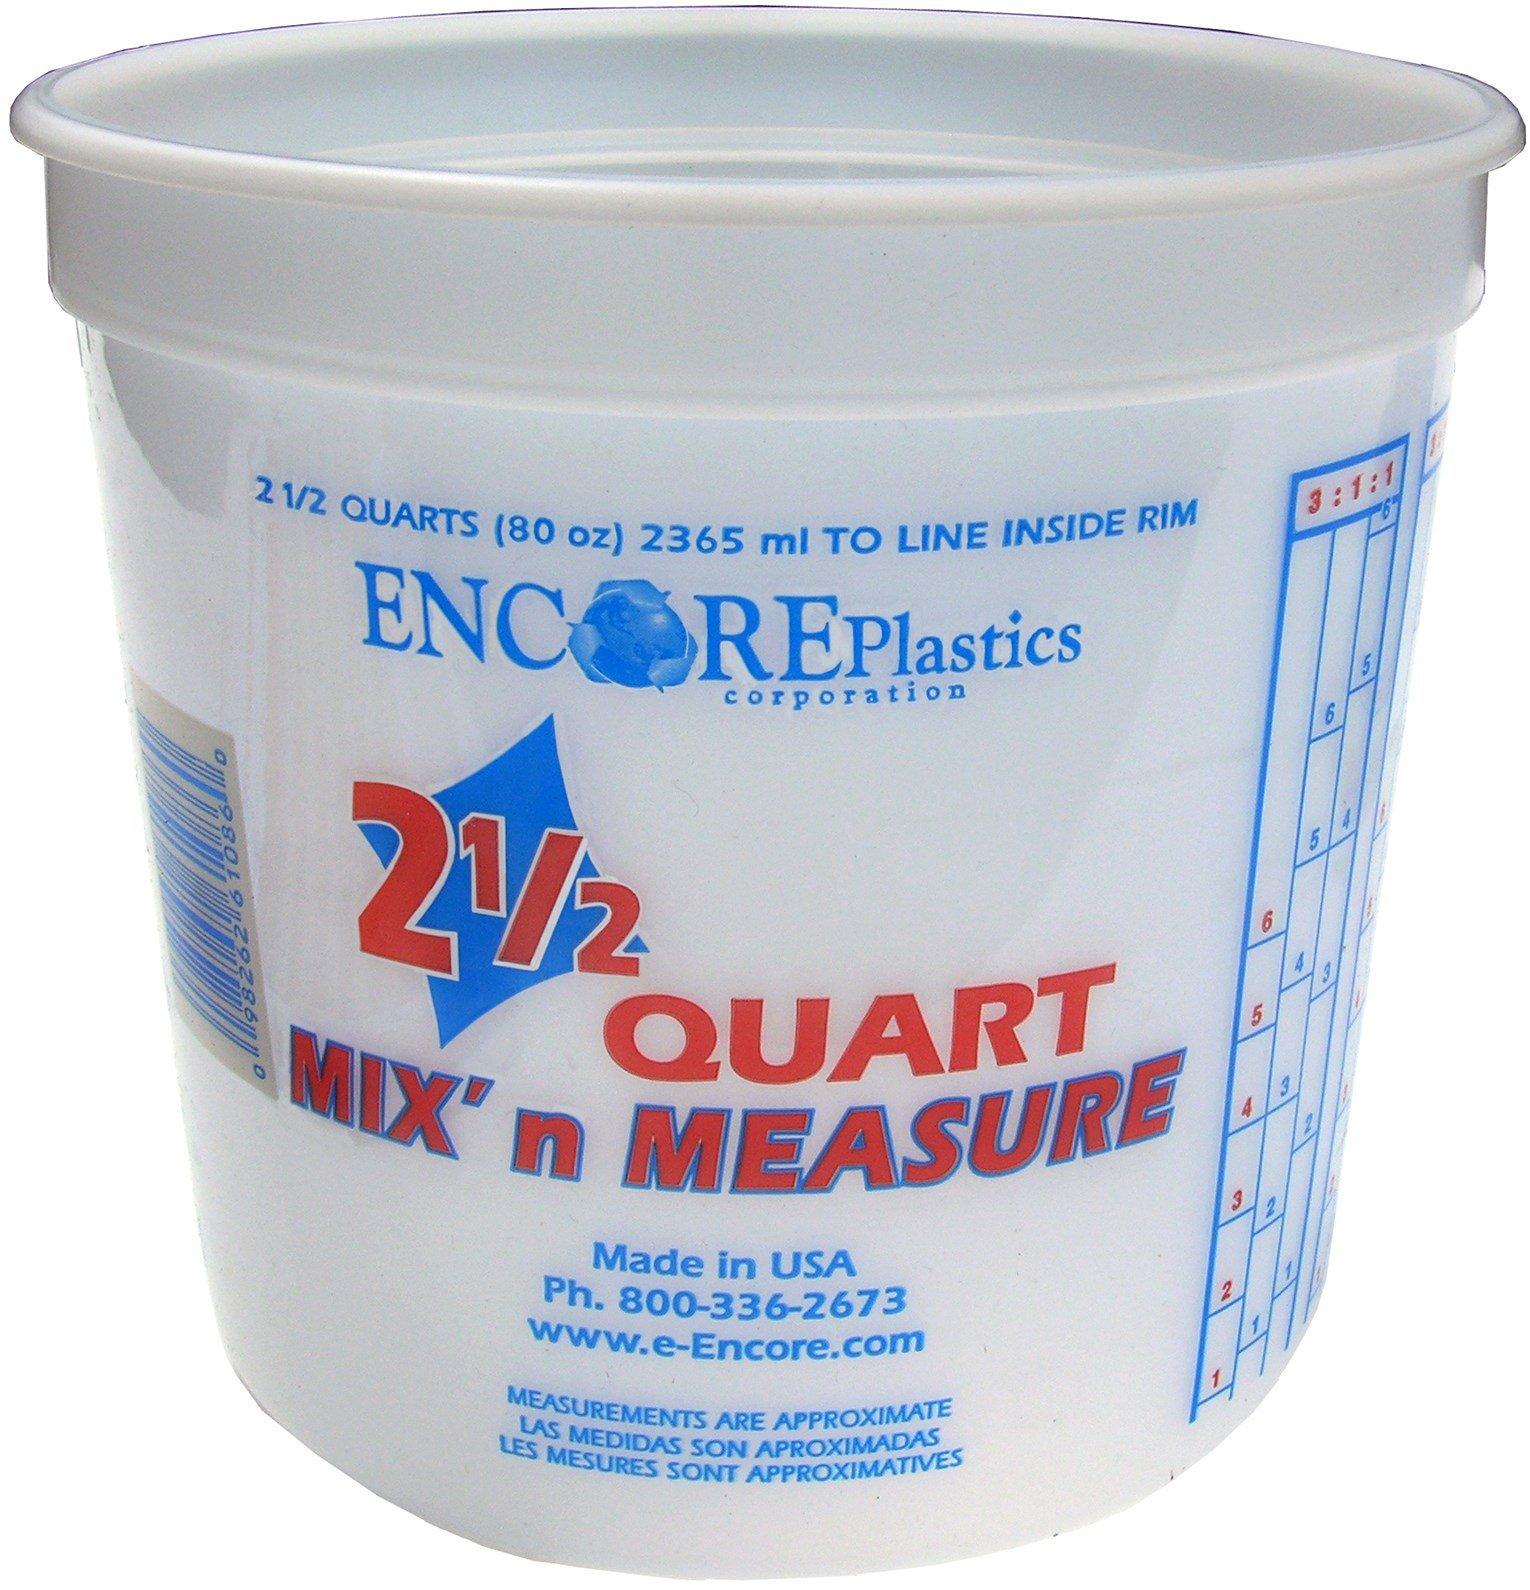 Encore Plastics LS61086 2.5 Quart Mix' N Measure Container Comes Without Lids - (Pack of 12)